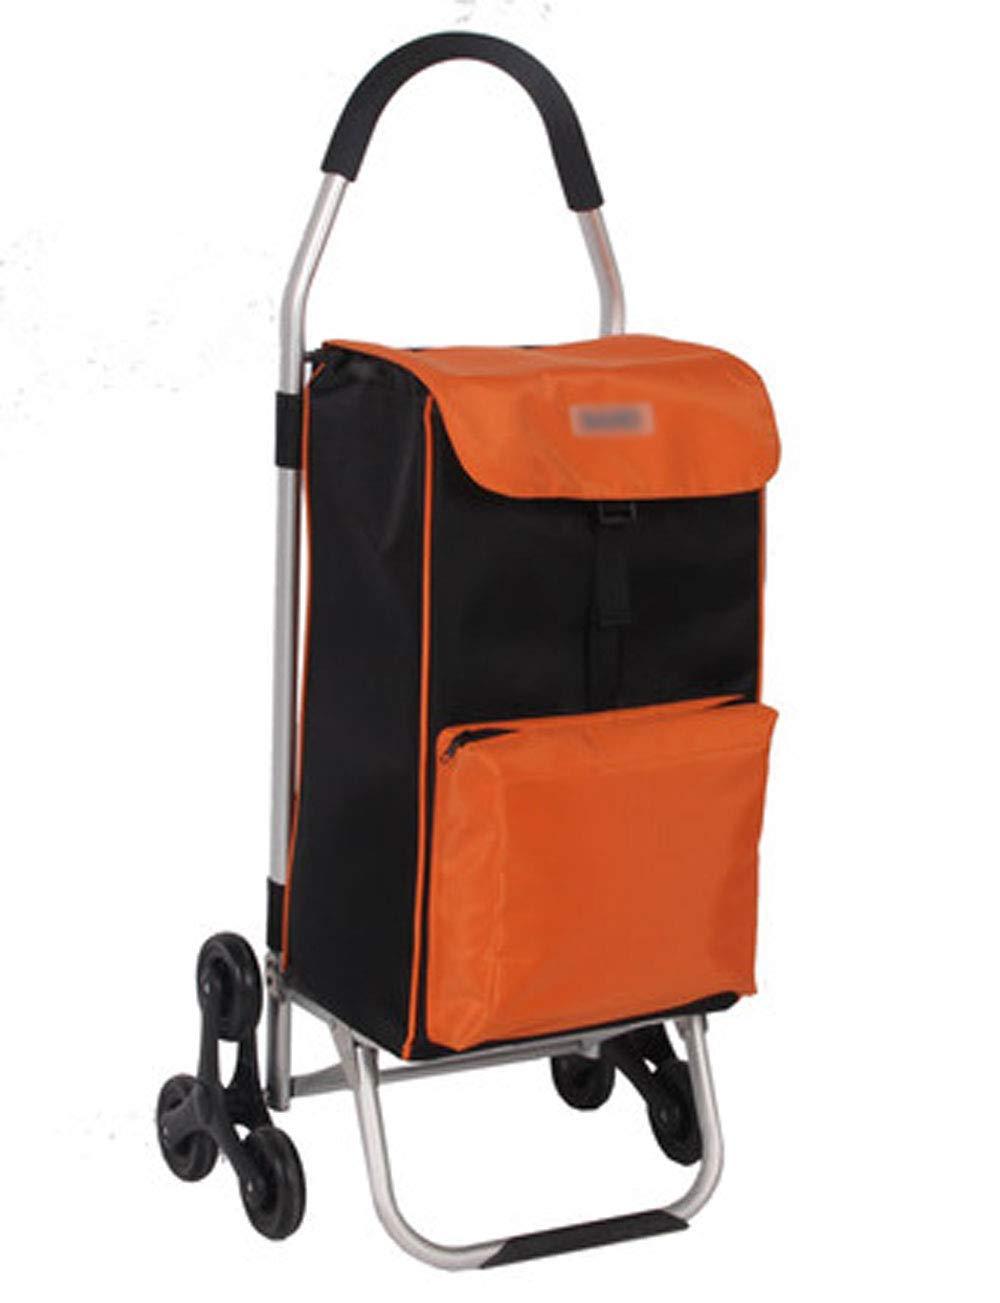 アンマーショップ ショッピングカートトロリー、アルミニウム合金構造 45cm*35cm*100cm、防水オックスフォード布、断熱層 (色 サイズ、マルチスタイルのトロリー (色 : Red, サイズ さいず : 45cm*35cm*100cm) B07H2YQNS5 Orange 45cm*35cm*100cm 45cm*35cm*100cm|Orange, e-net A furniture:fd116a28 --- 4x4.lt